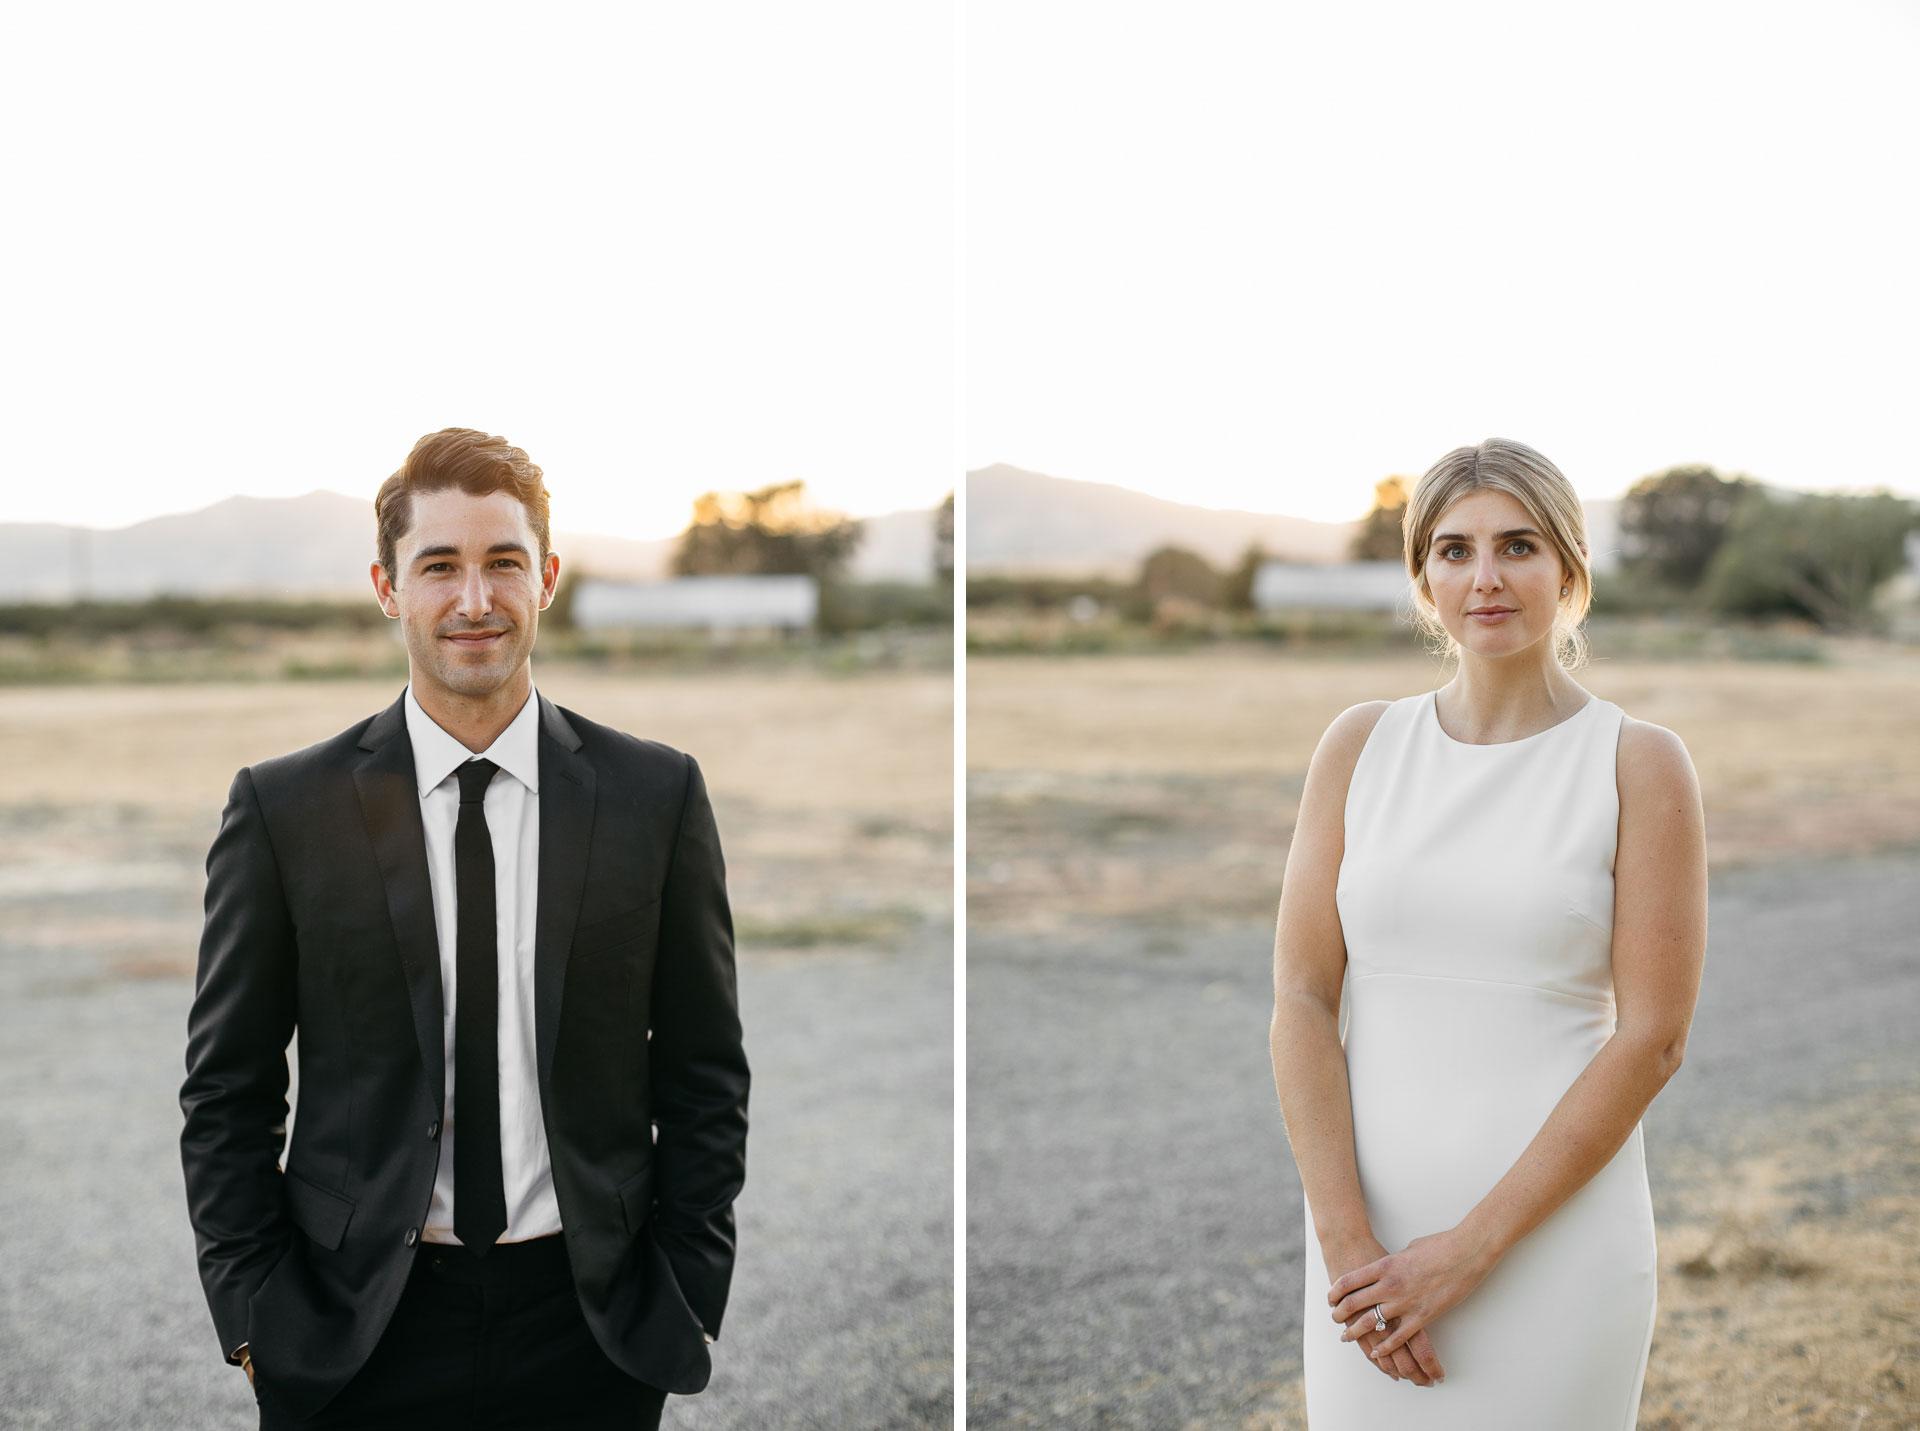 lauren_graham_wedding_california_park_winters_jeanlaurentgaudy_mix011